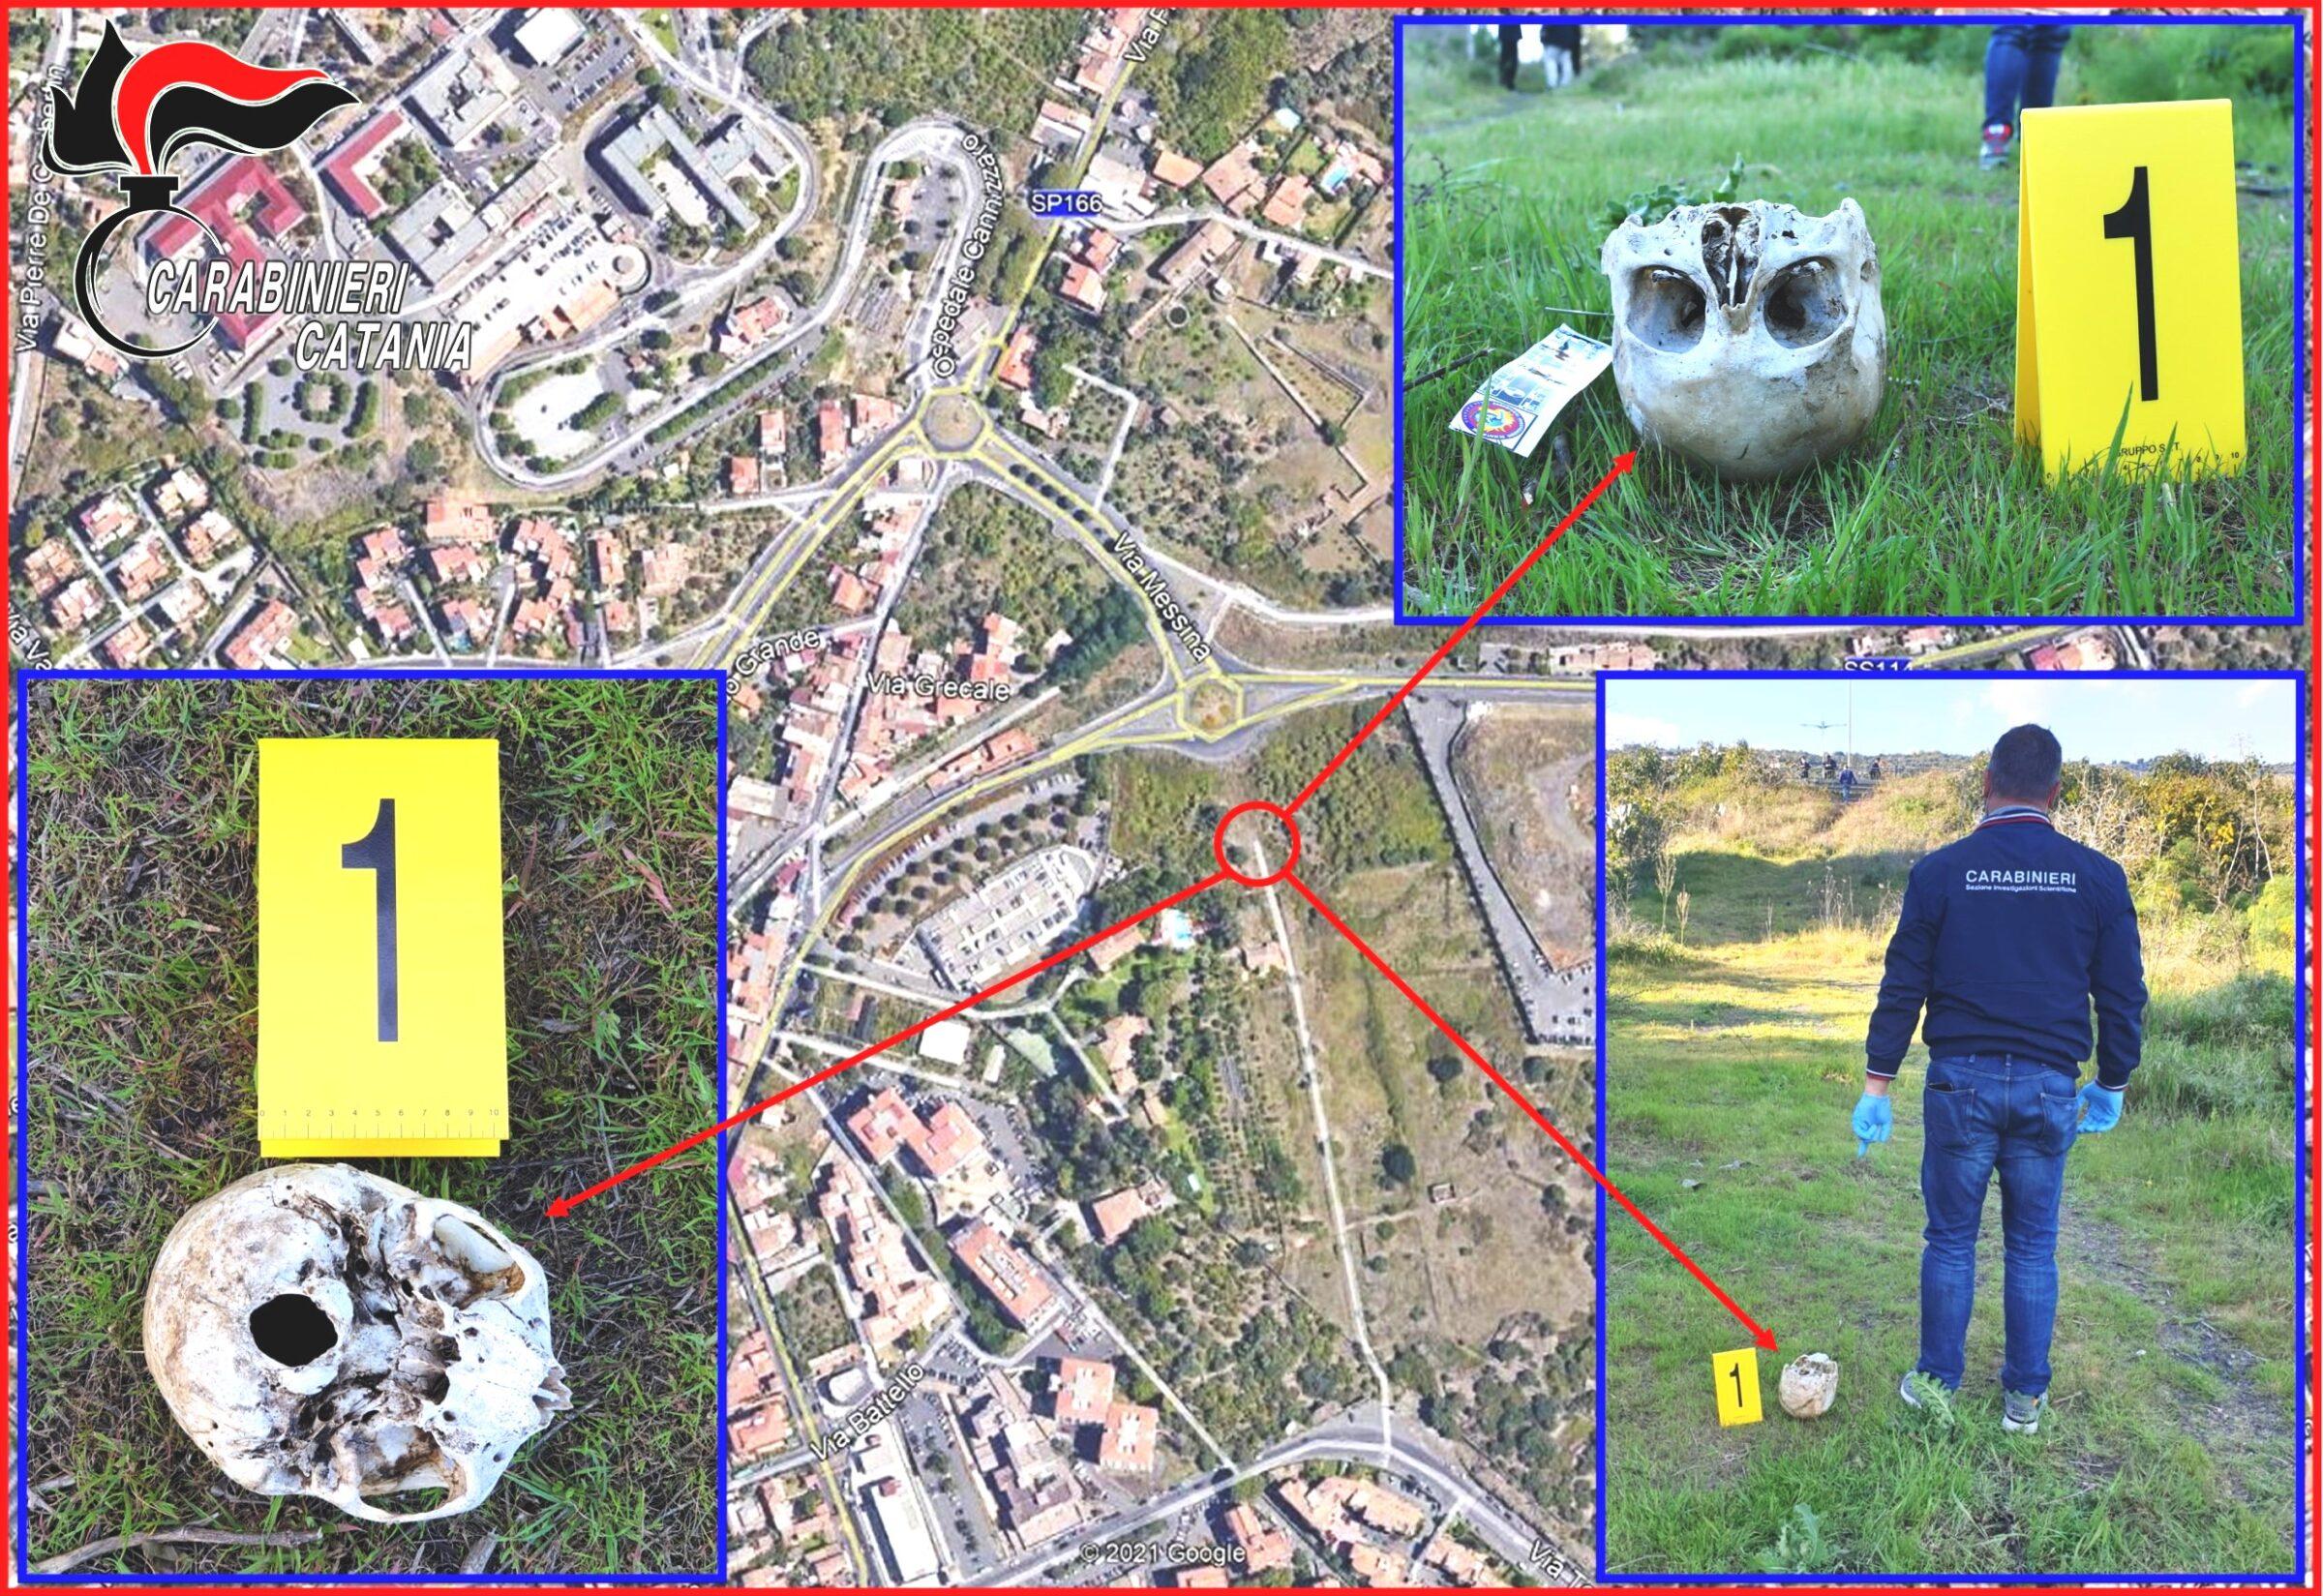 Shock a Catania, teschio umano rinvenuto nei pressi del Cannizzaro: di chi sono quei resti?